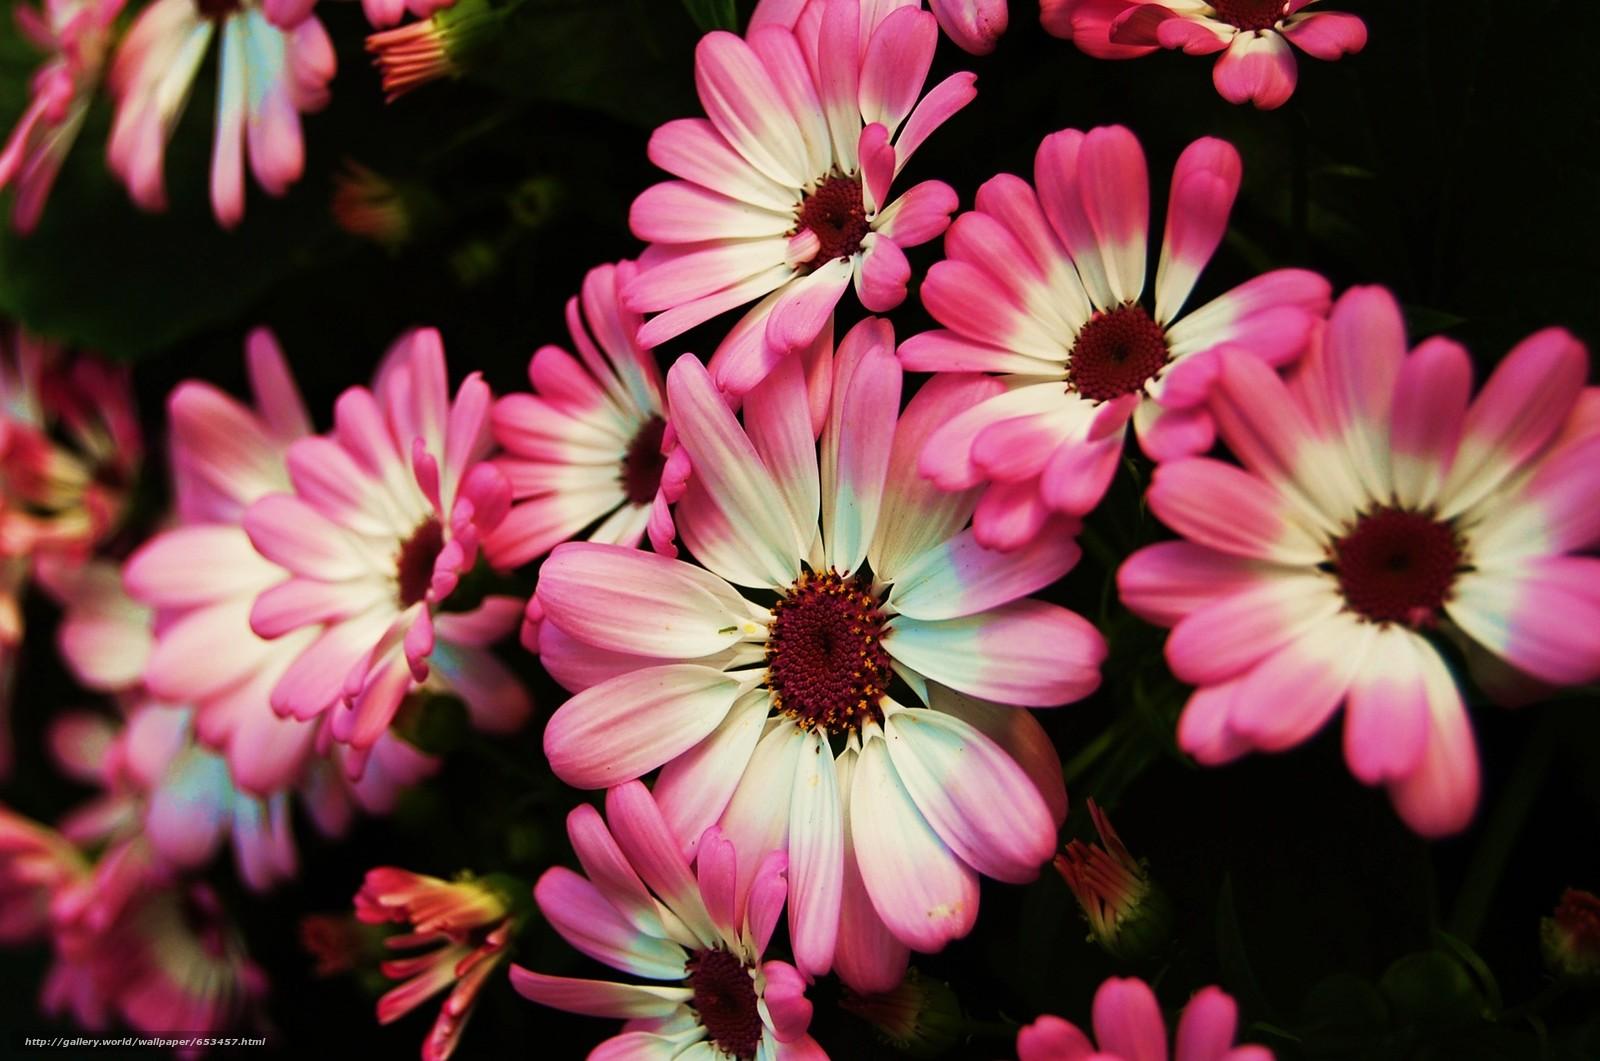 Поиск картинок на тему красивые картинки 58